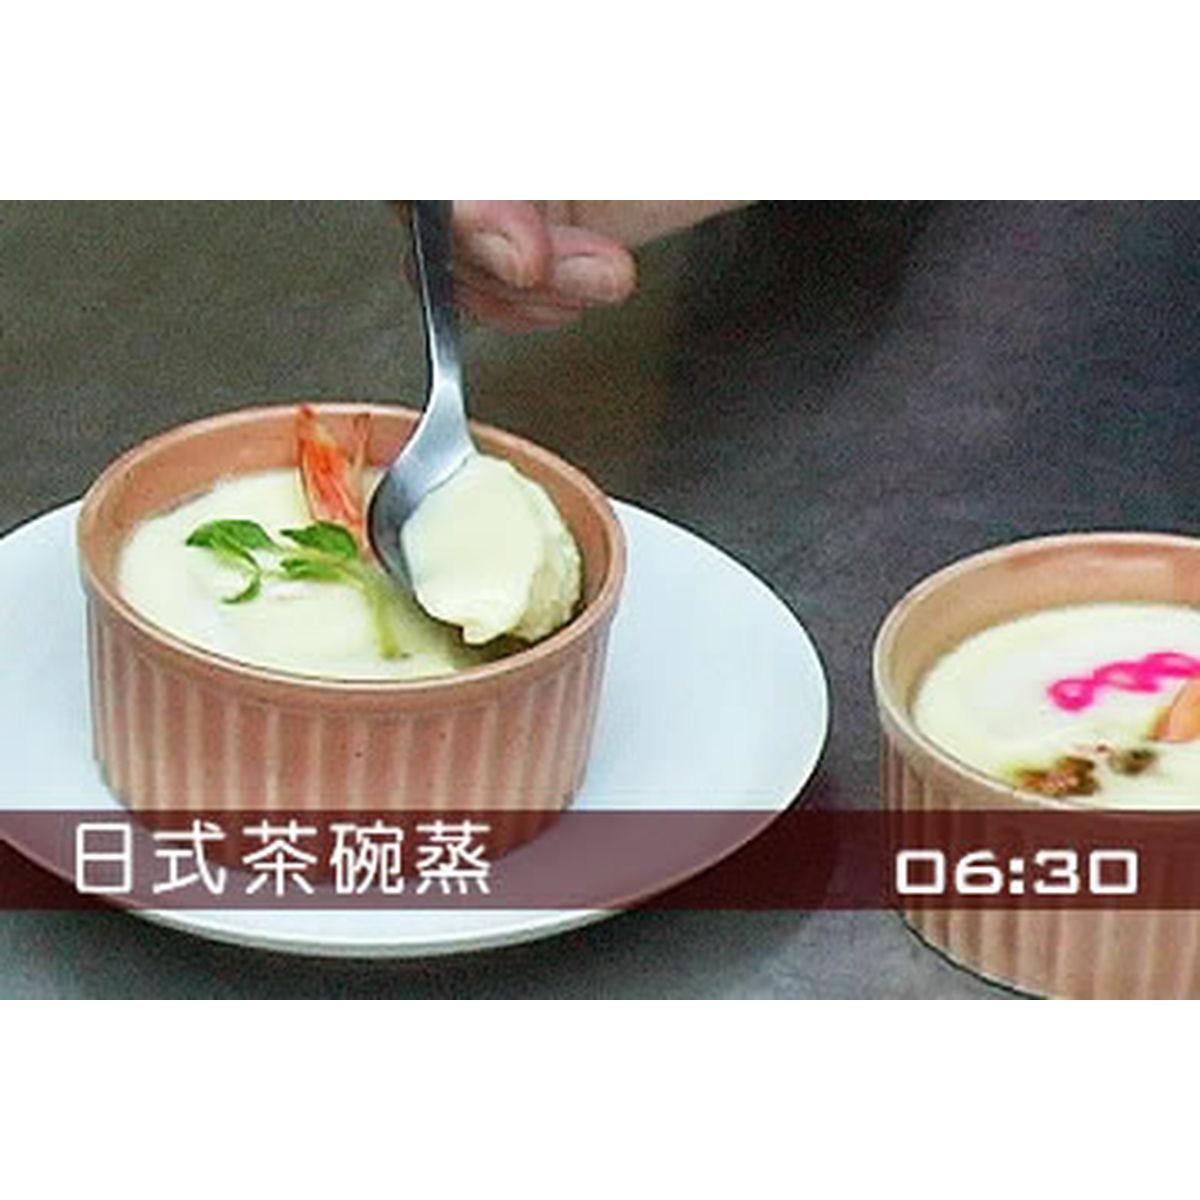 食譜:日式茶碗蒸